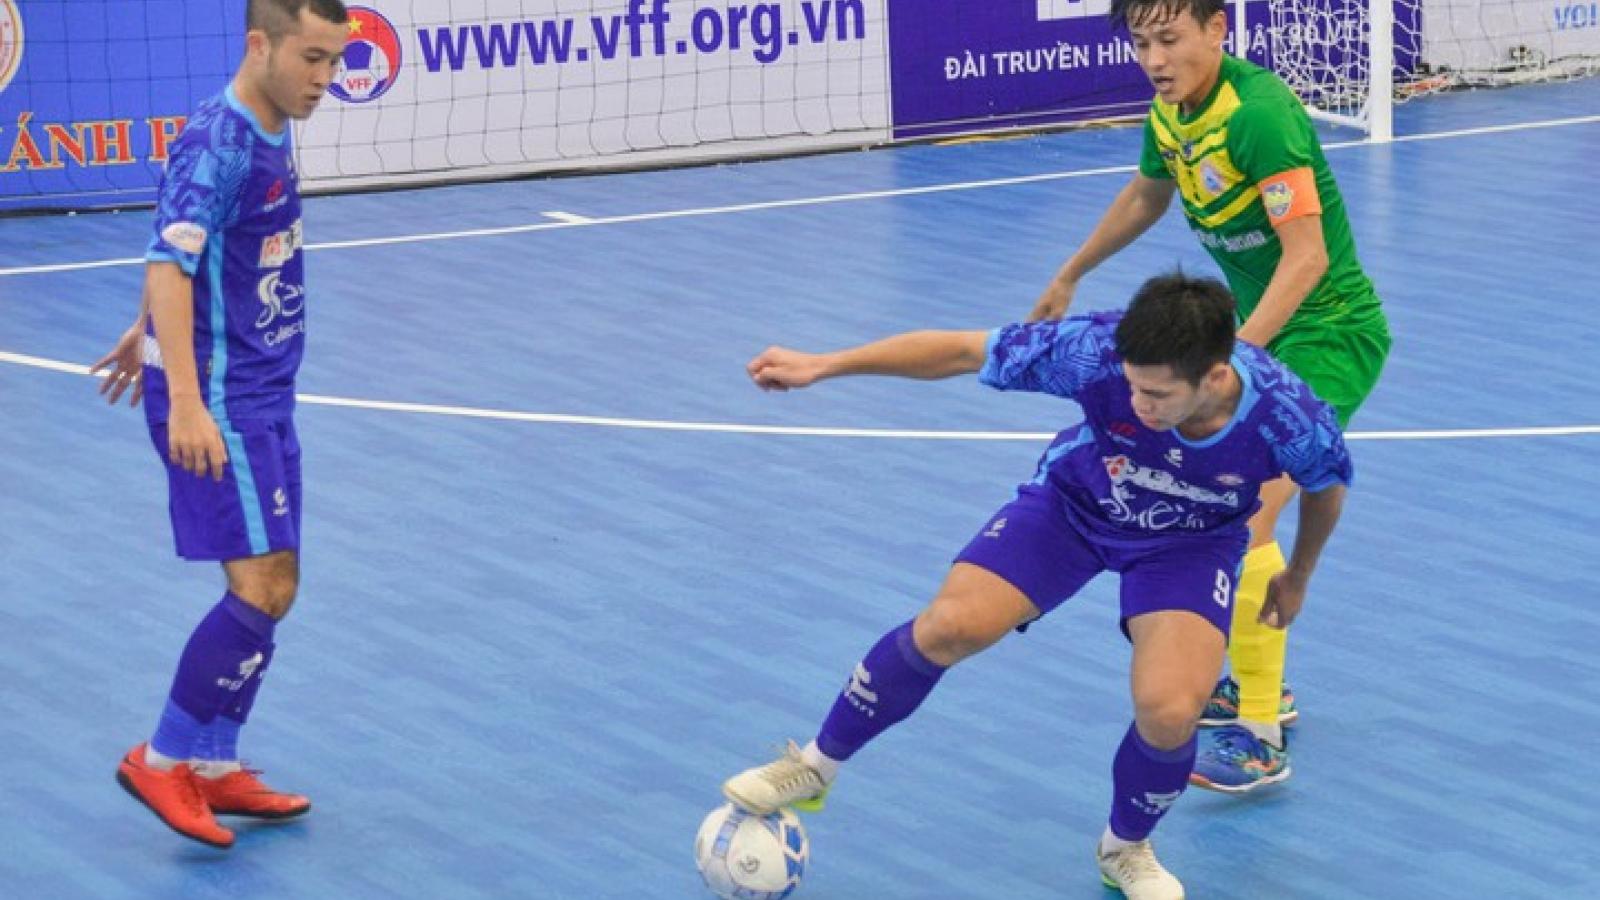 Xem trực tiếp Futsal HDBank VĐQG 2020: Quảng Nam - Vietfootball